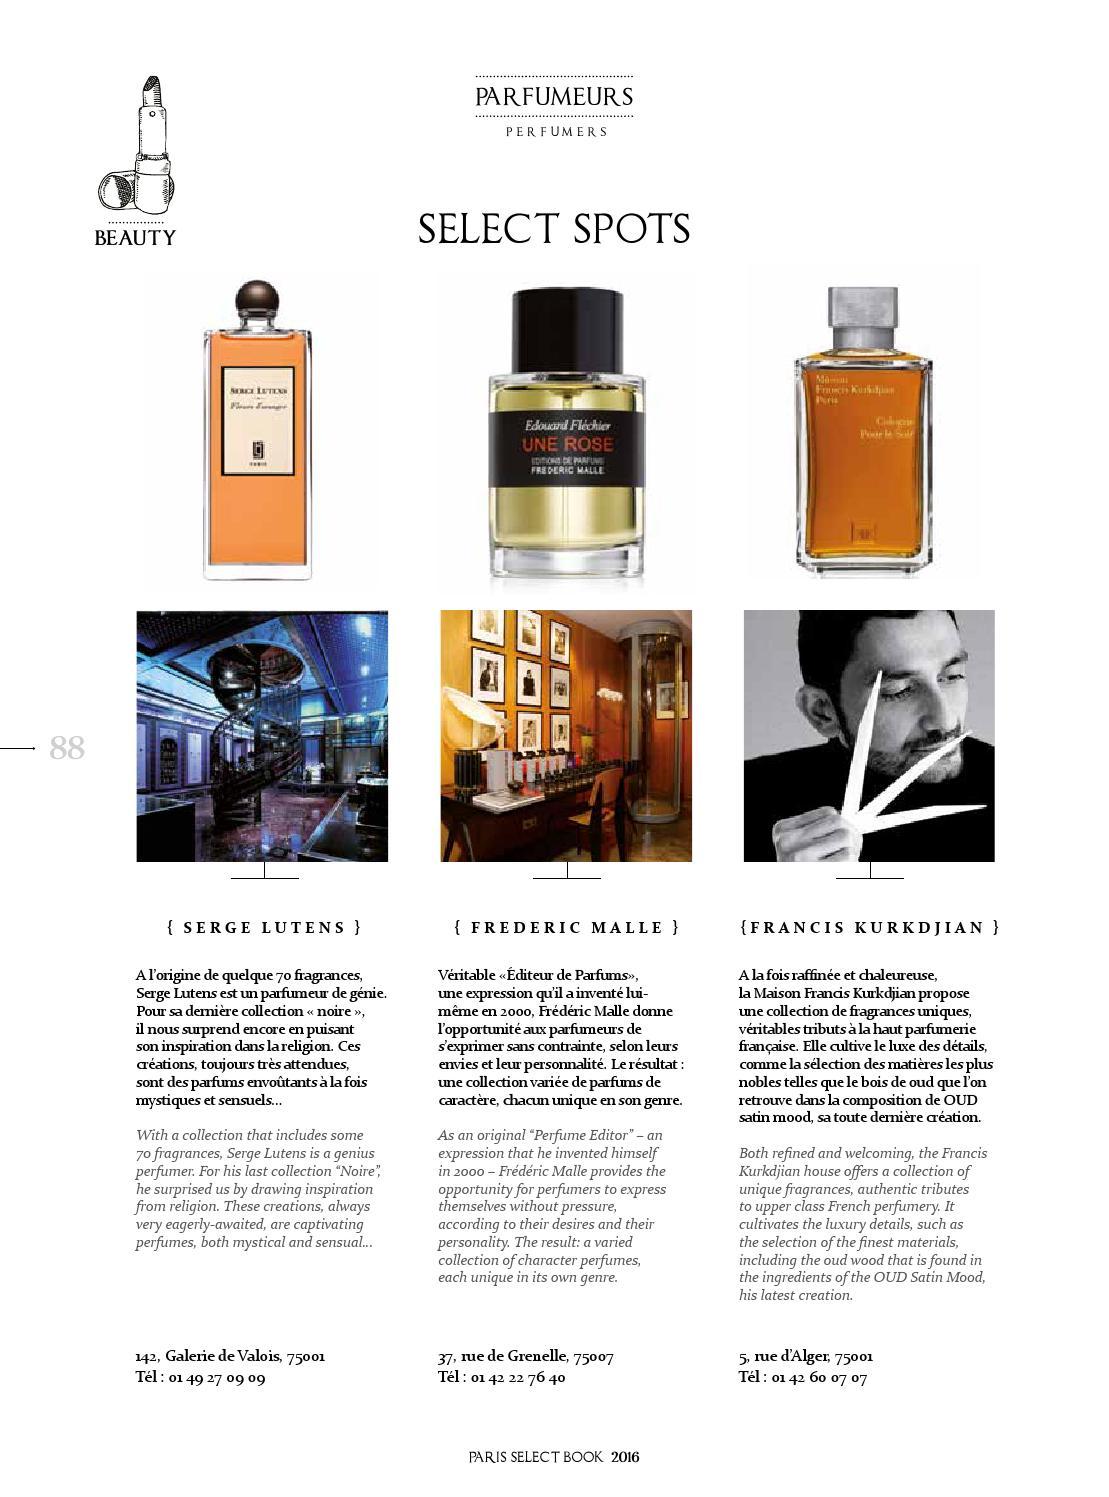 Parfumeurs Les Lcfk1j Inspiration Sicilfly Originale Pour VpUMSz